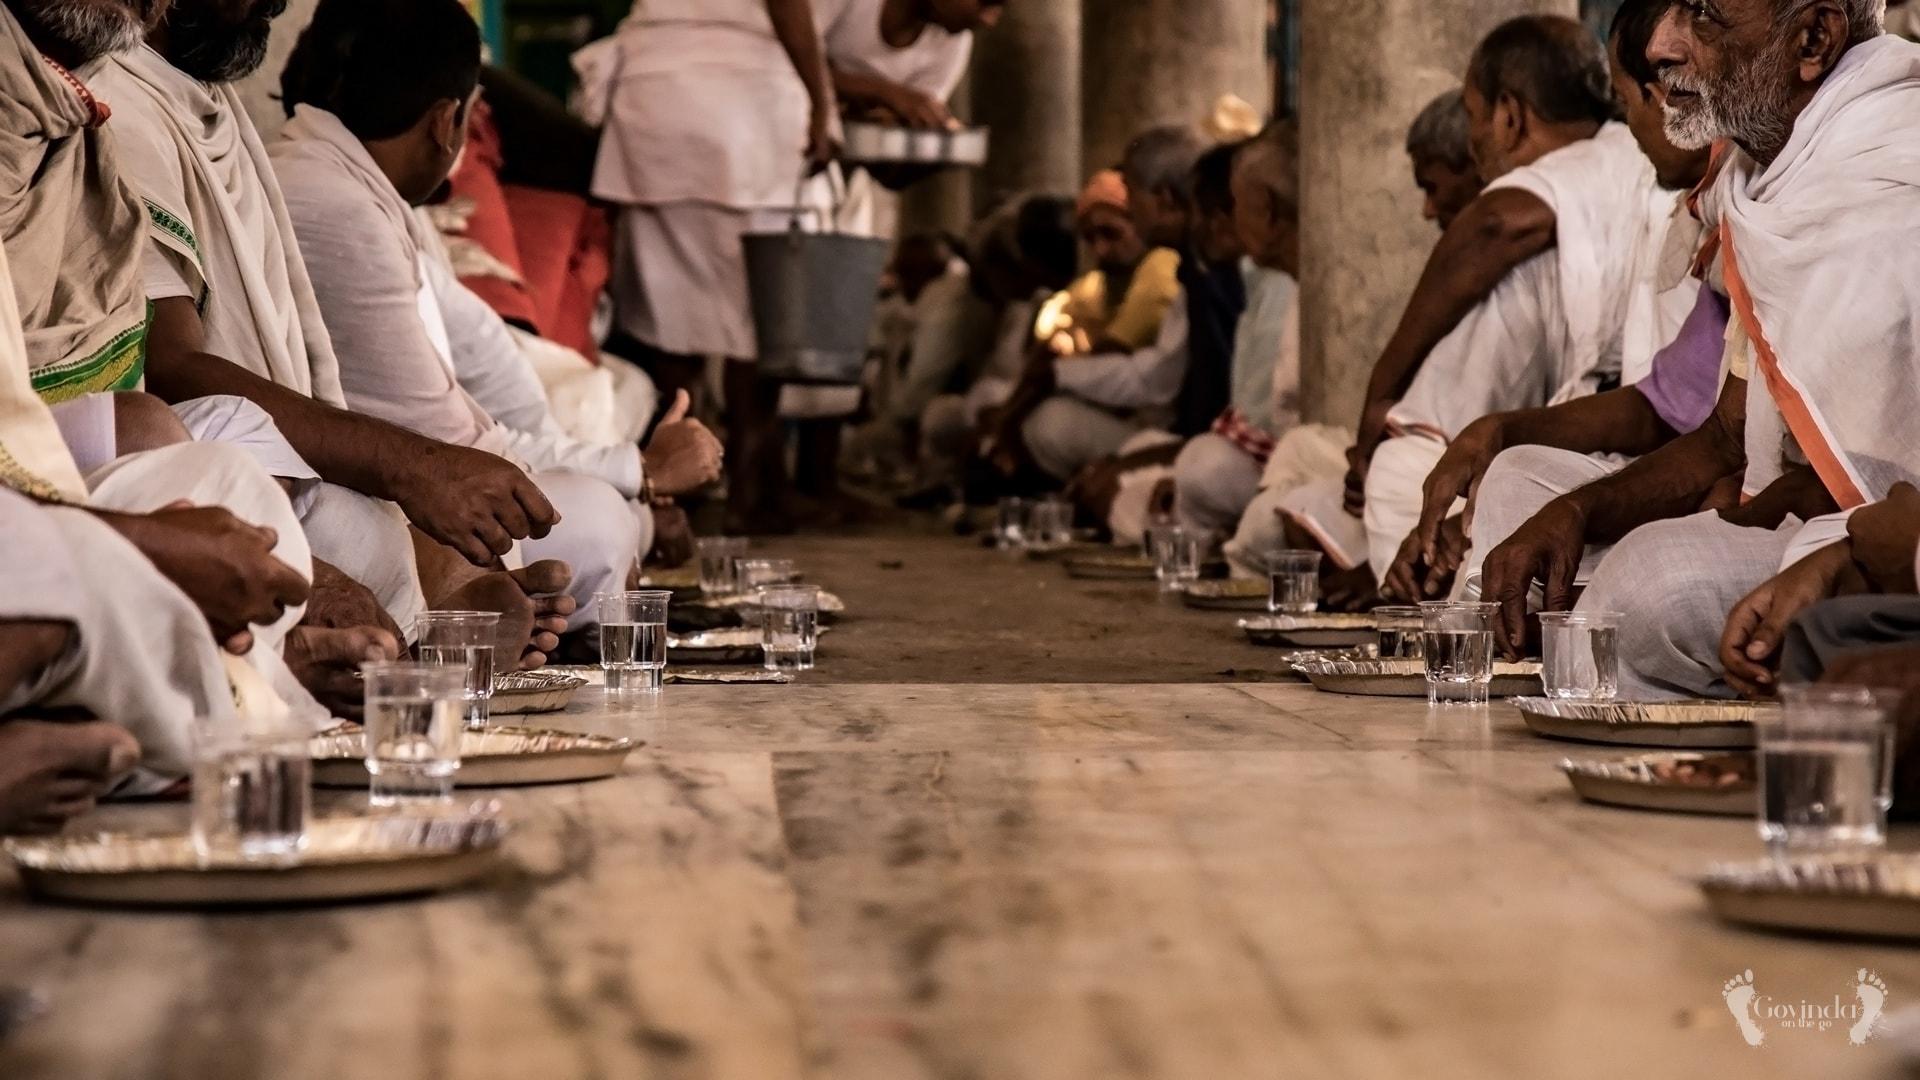 Brahmins eating at Radha Kund in Vrindavan